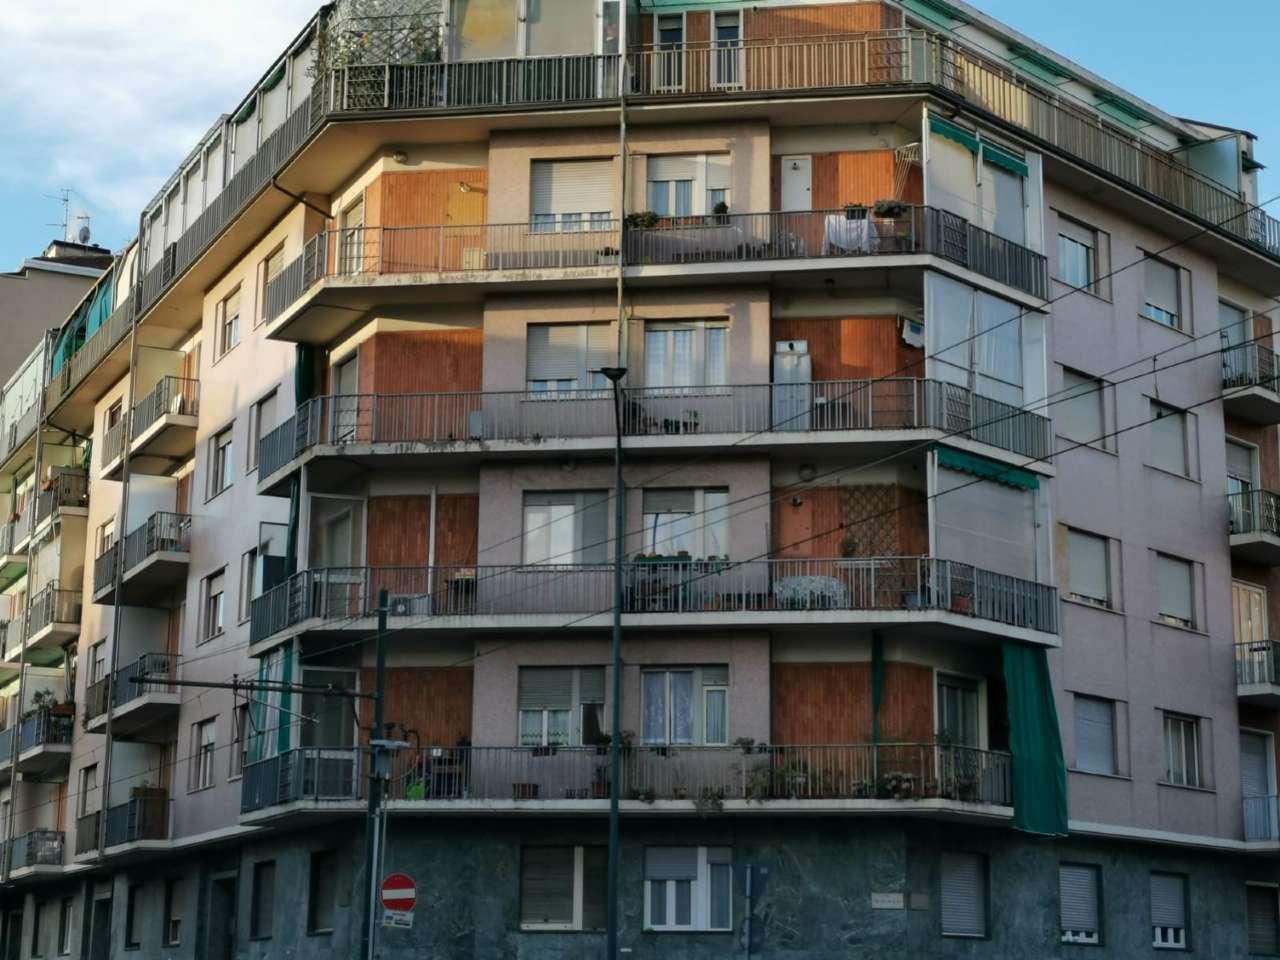 Appartamento in vendita Zona Madonna di Campagna, Borgo Vittoria... - Via Bibiana 17 Torino